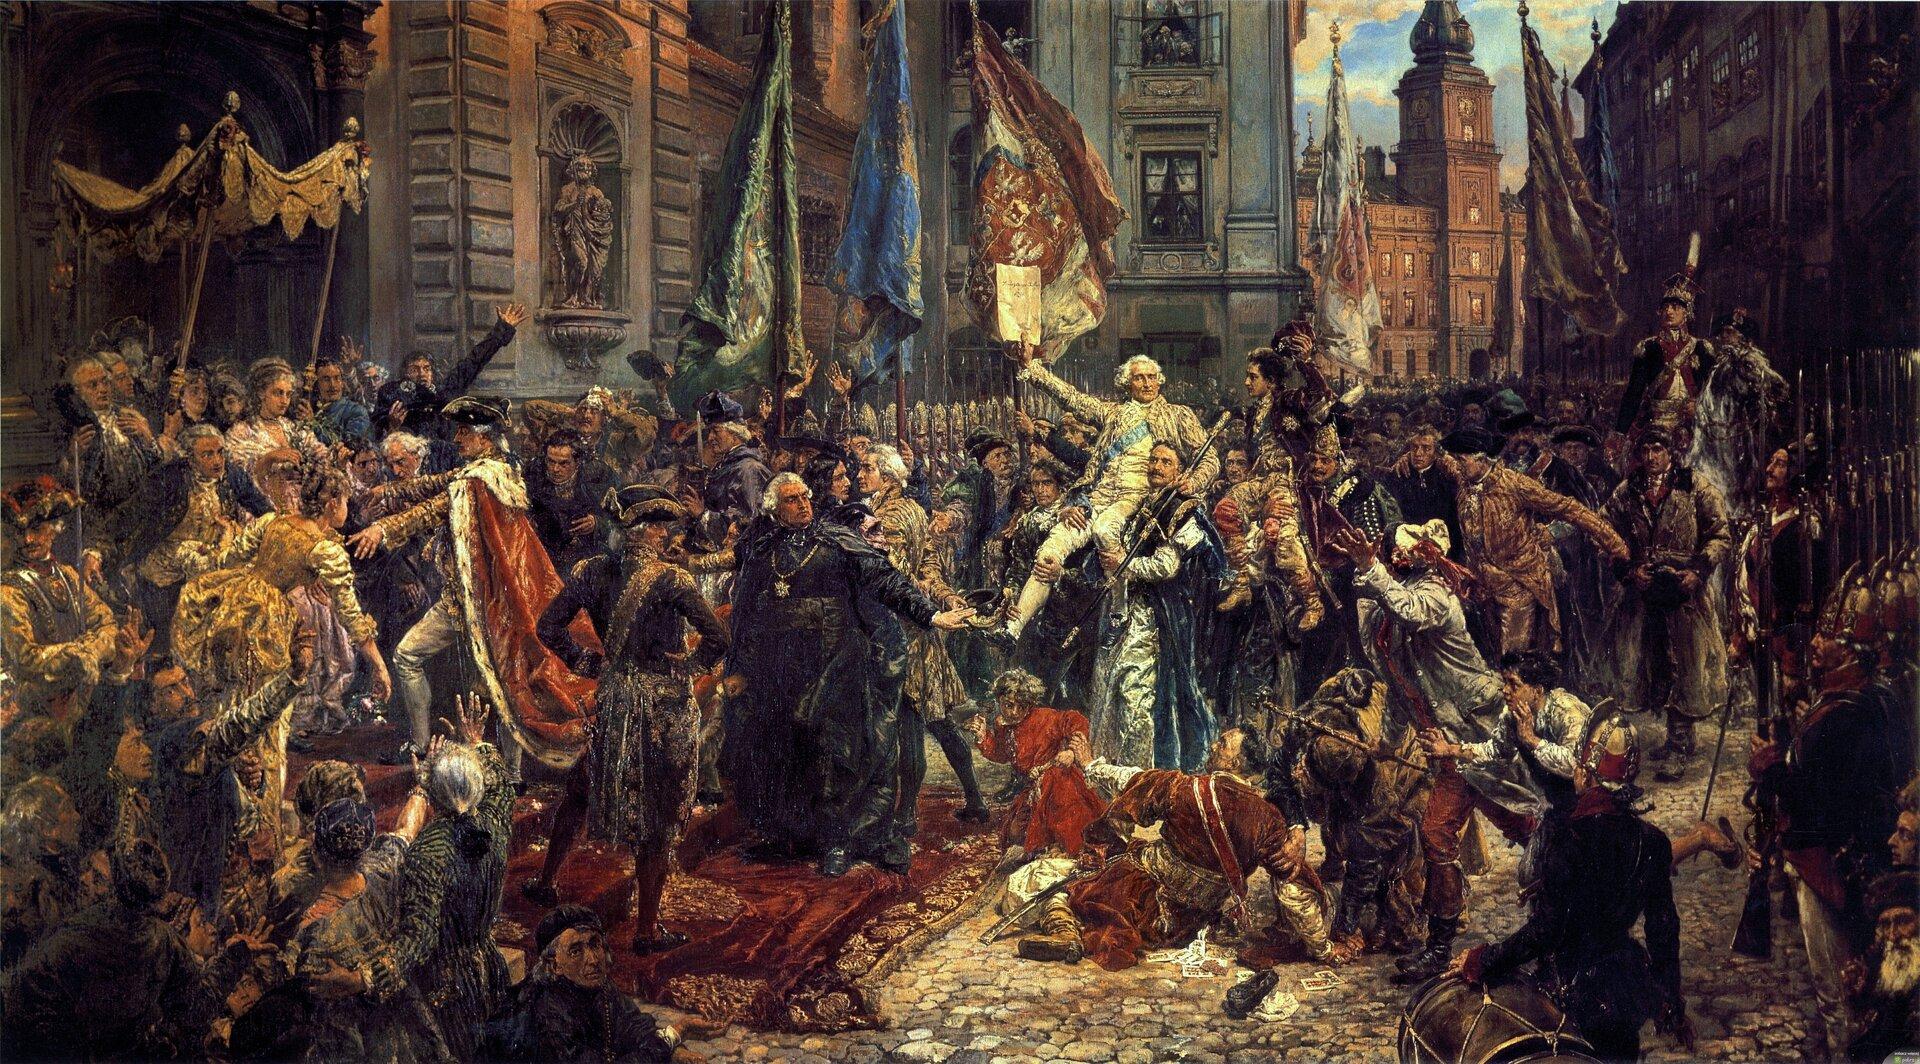 """Ilustracja interaktywna przedstawia obraz """"Konstytucja 3 Maja 1791 roku"""", autorstwa Jana Matejki. Dynamiczna kompozycja przedstawia pochód posłów zZamku Królewskiego do kolegiaty św. Jana wintencji ponownego zaprzysiężenie konstytucji uchwalonej 3 maja 1791 roku.  Maszerujący, chronieni przez żołnierzy posłowie otoczeni są rozentuzjazmowanym tłumem. Wcentrum kompozycji znajduje się niesiona przez posłów postać marszałka Sejmu Wielkiego Stanisława Małachowskiego. Ubrany na jasno mężczyzna wbiałej peruce wuniesionej prawej ręce trzyma tekst Konstytucji 3 Maja. Poniżej triumfującego marszałka rozgrywa się dramatyczna scena, wktórej leżący na bruku poseł Jan Suchorzewski wgeście sprzeciwu przeciw reformom, próbuje zabić swego syna. Malarz przywołuje tutaj autentyczną scenę, która rozegrała się na Zamku Królewskim. Po lewej stronie malowidła przedstawiony jest dumnie kroczący po schodach kolegiaty król Stanisław August Poniatowski, ramiona okrywa mu purpurowy płaszcz obszyty futrem zgronostajów. Akcja malowidła rozgrywa się na ulicy Świętojańskiej, wgłębi obrazu widnieje fragment Zamku Ujazdowskiego."""